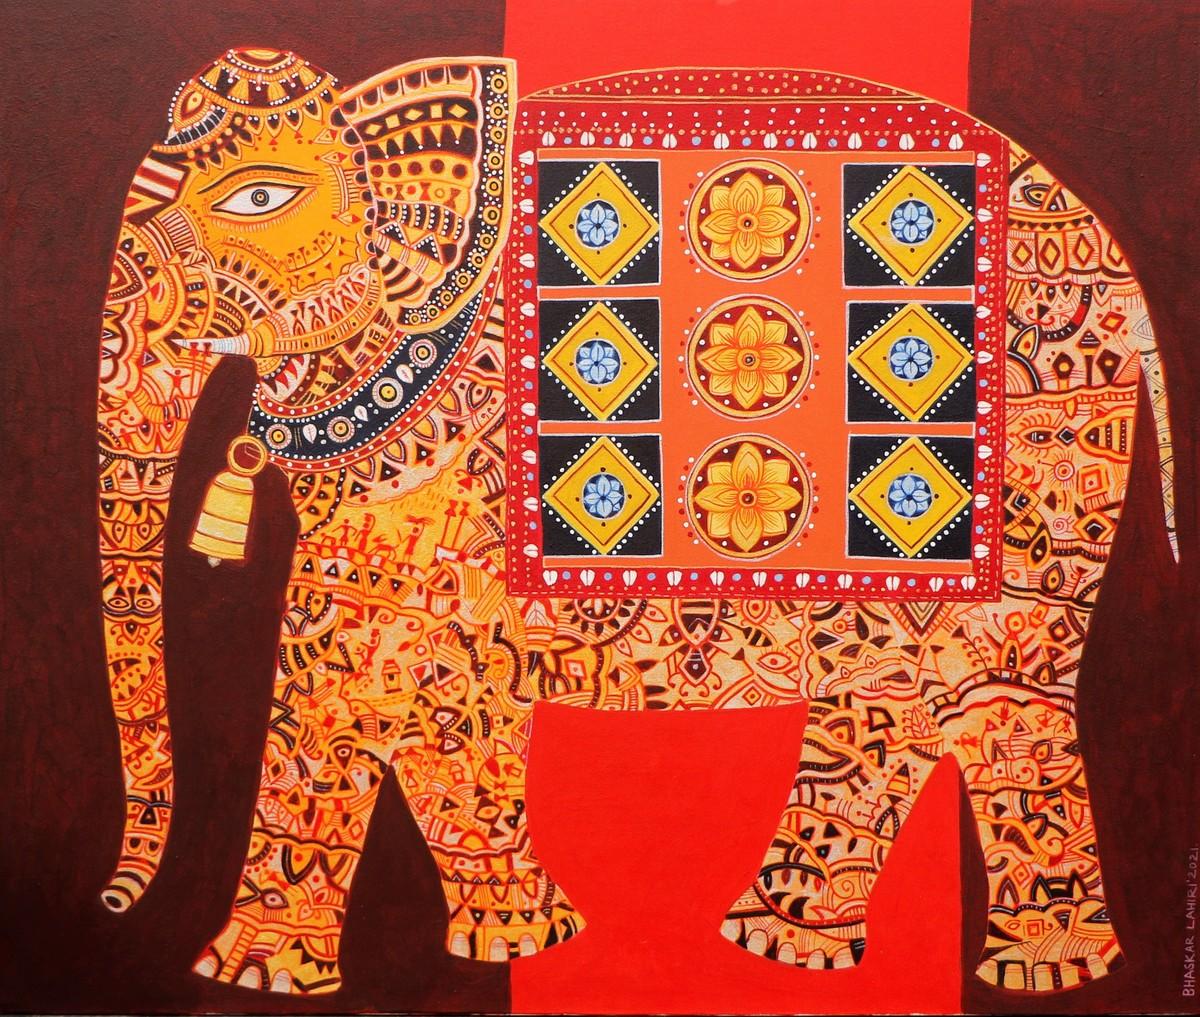 Golden Elephant by Bhaskar Lahiri, Decorative, Folk Painting, Acrylic on Canvas, Valencia color